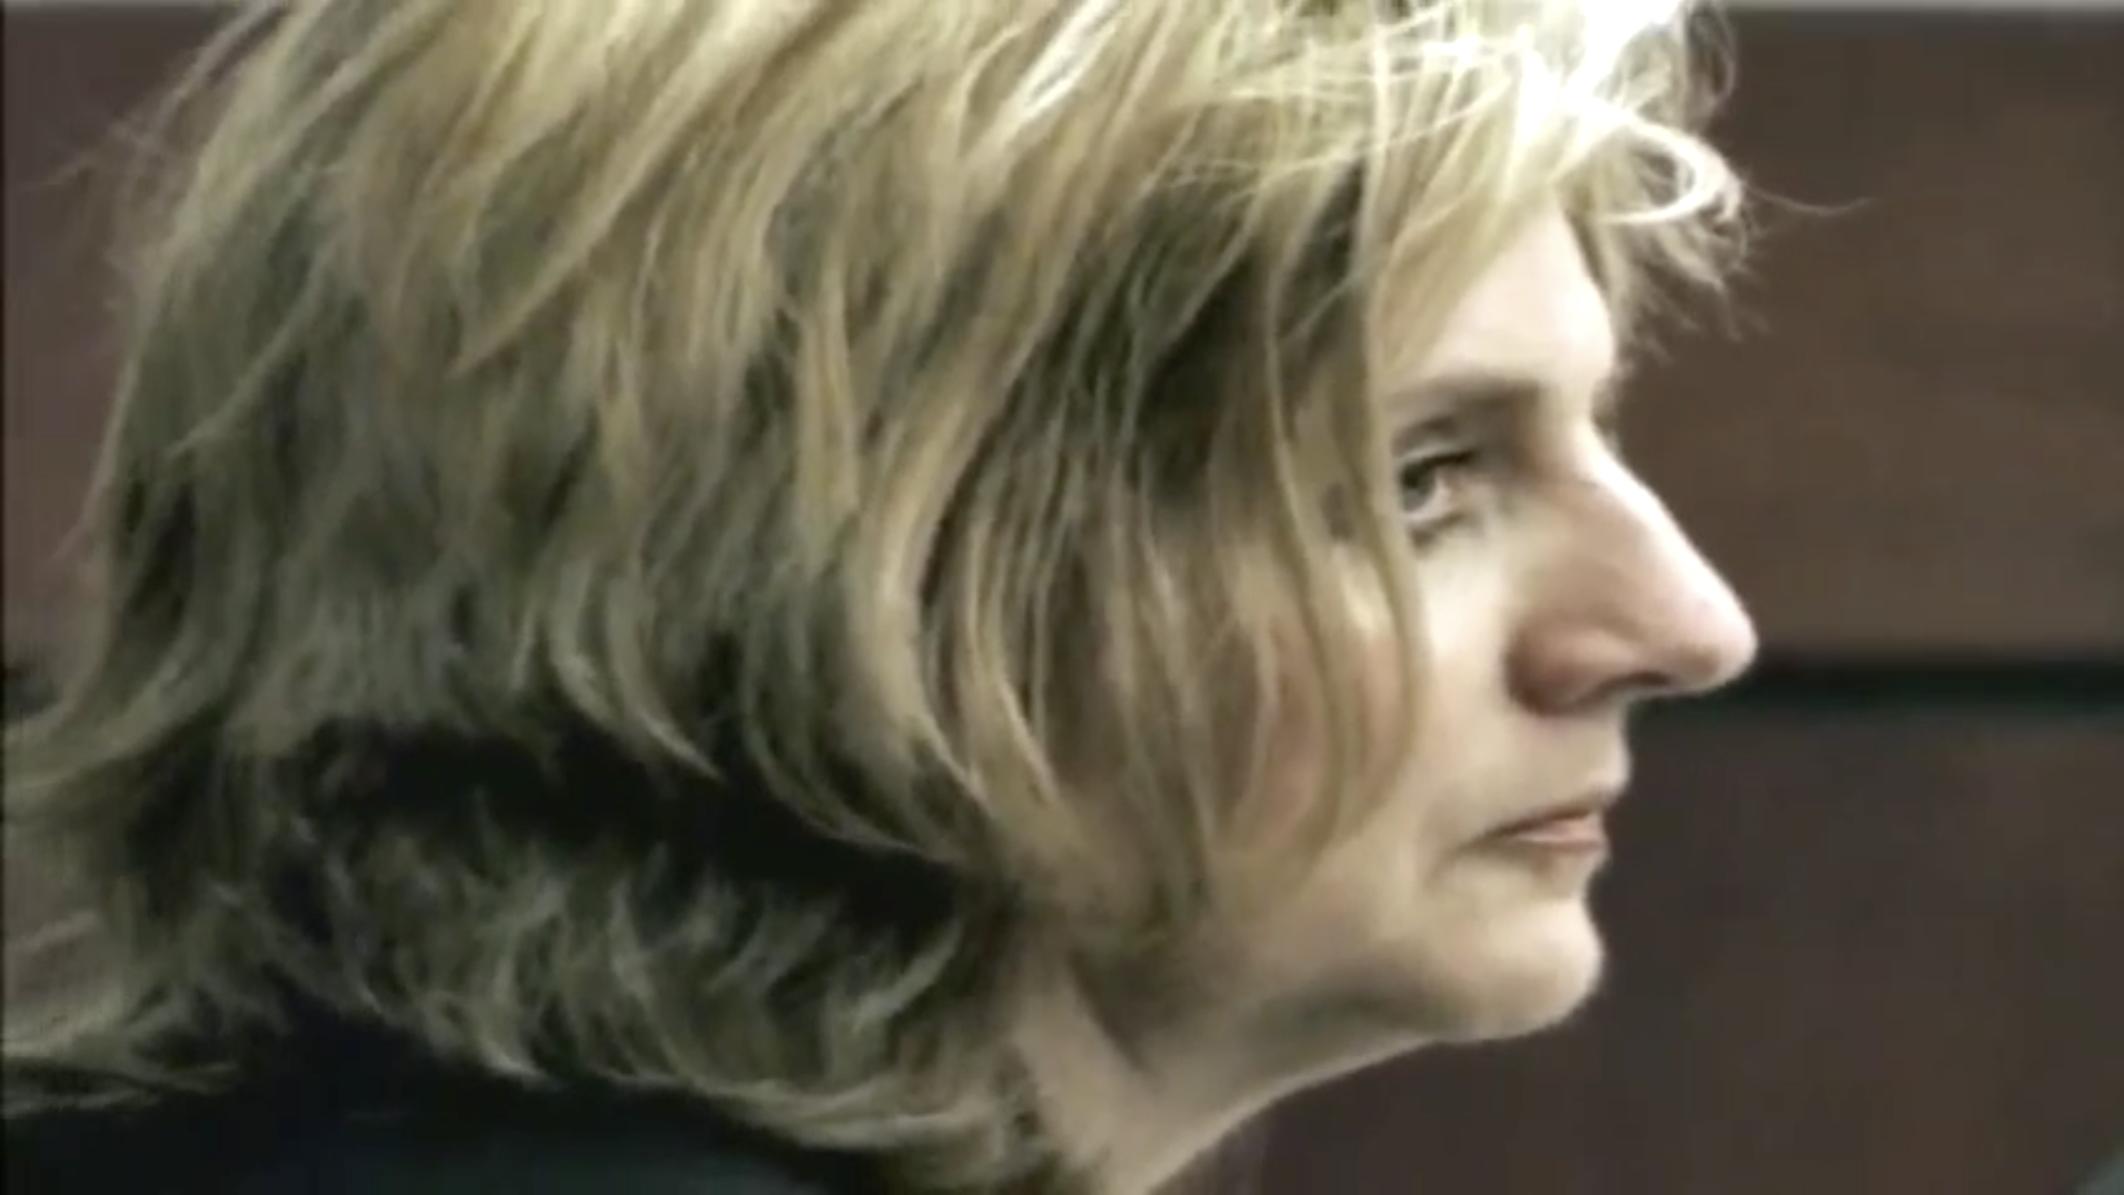 David Harmon: Murdered By Melinda Raisch, Mark Mangelsdorf | Crime Time